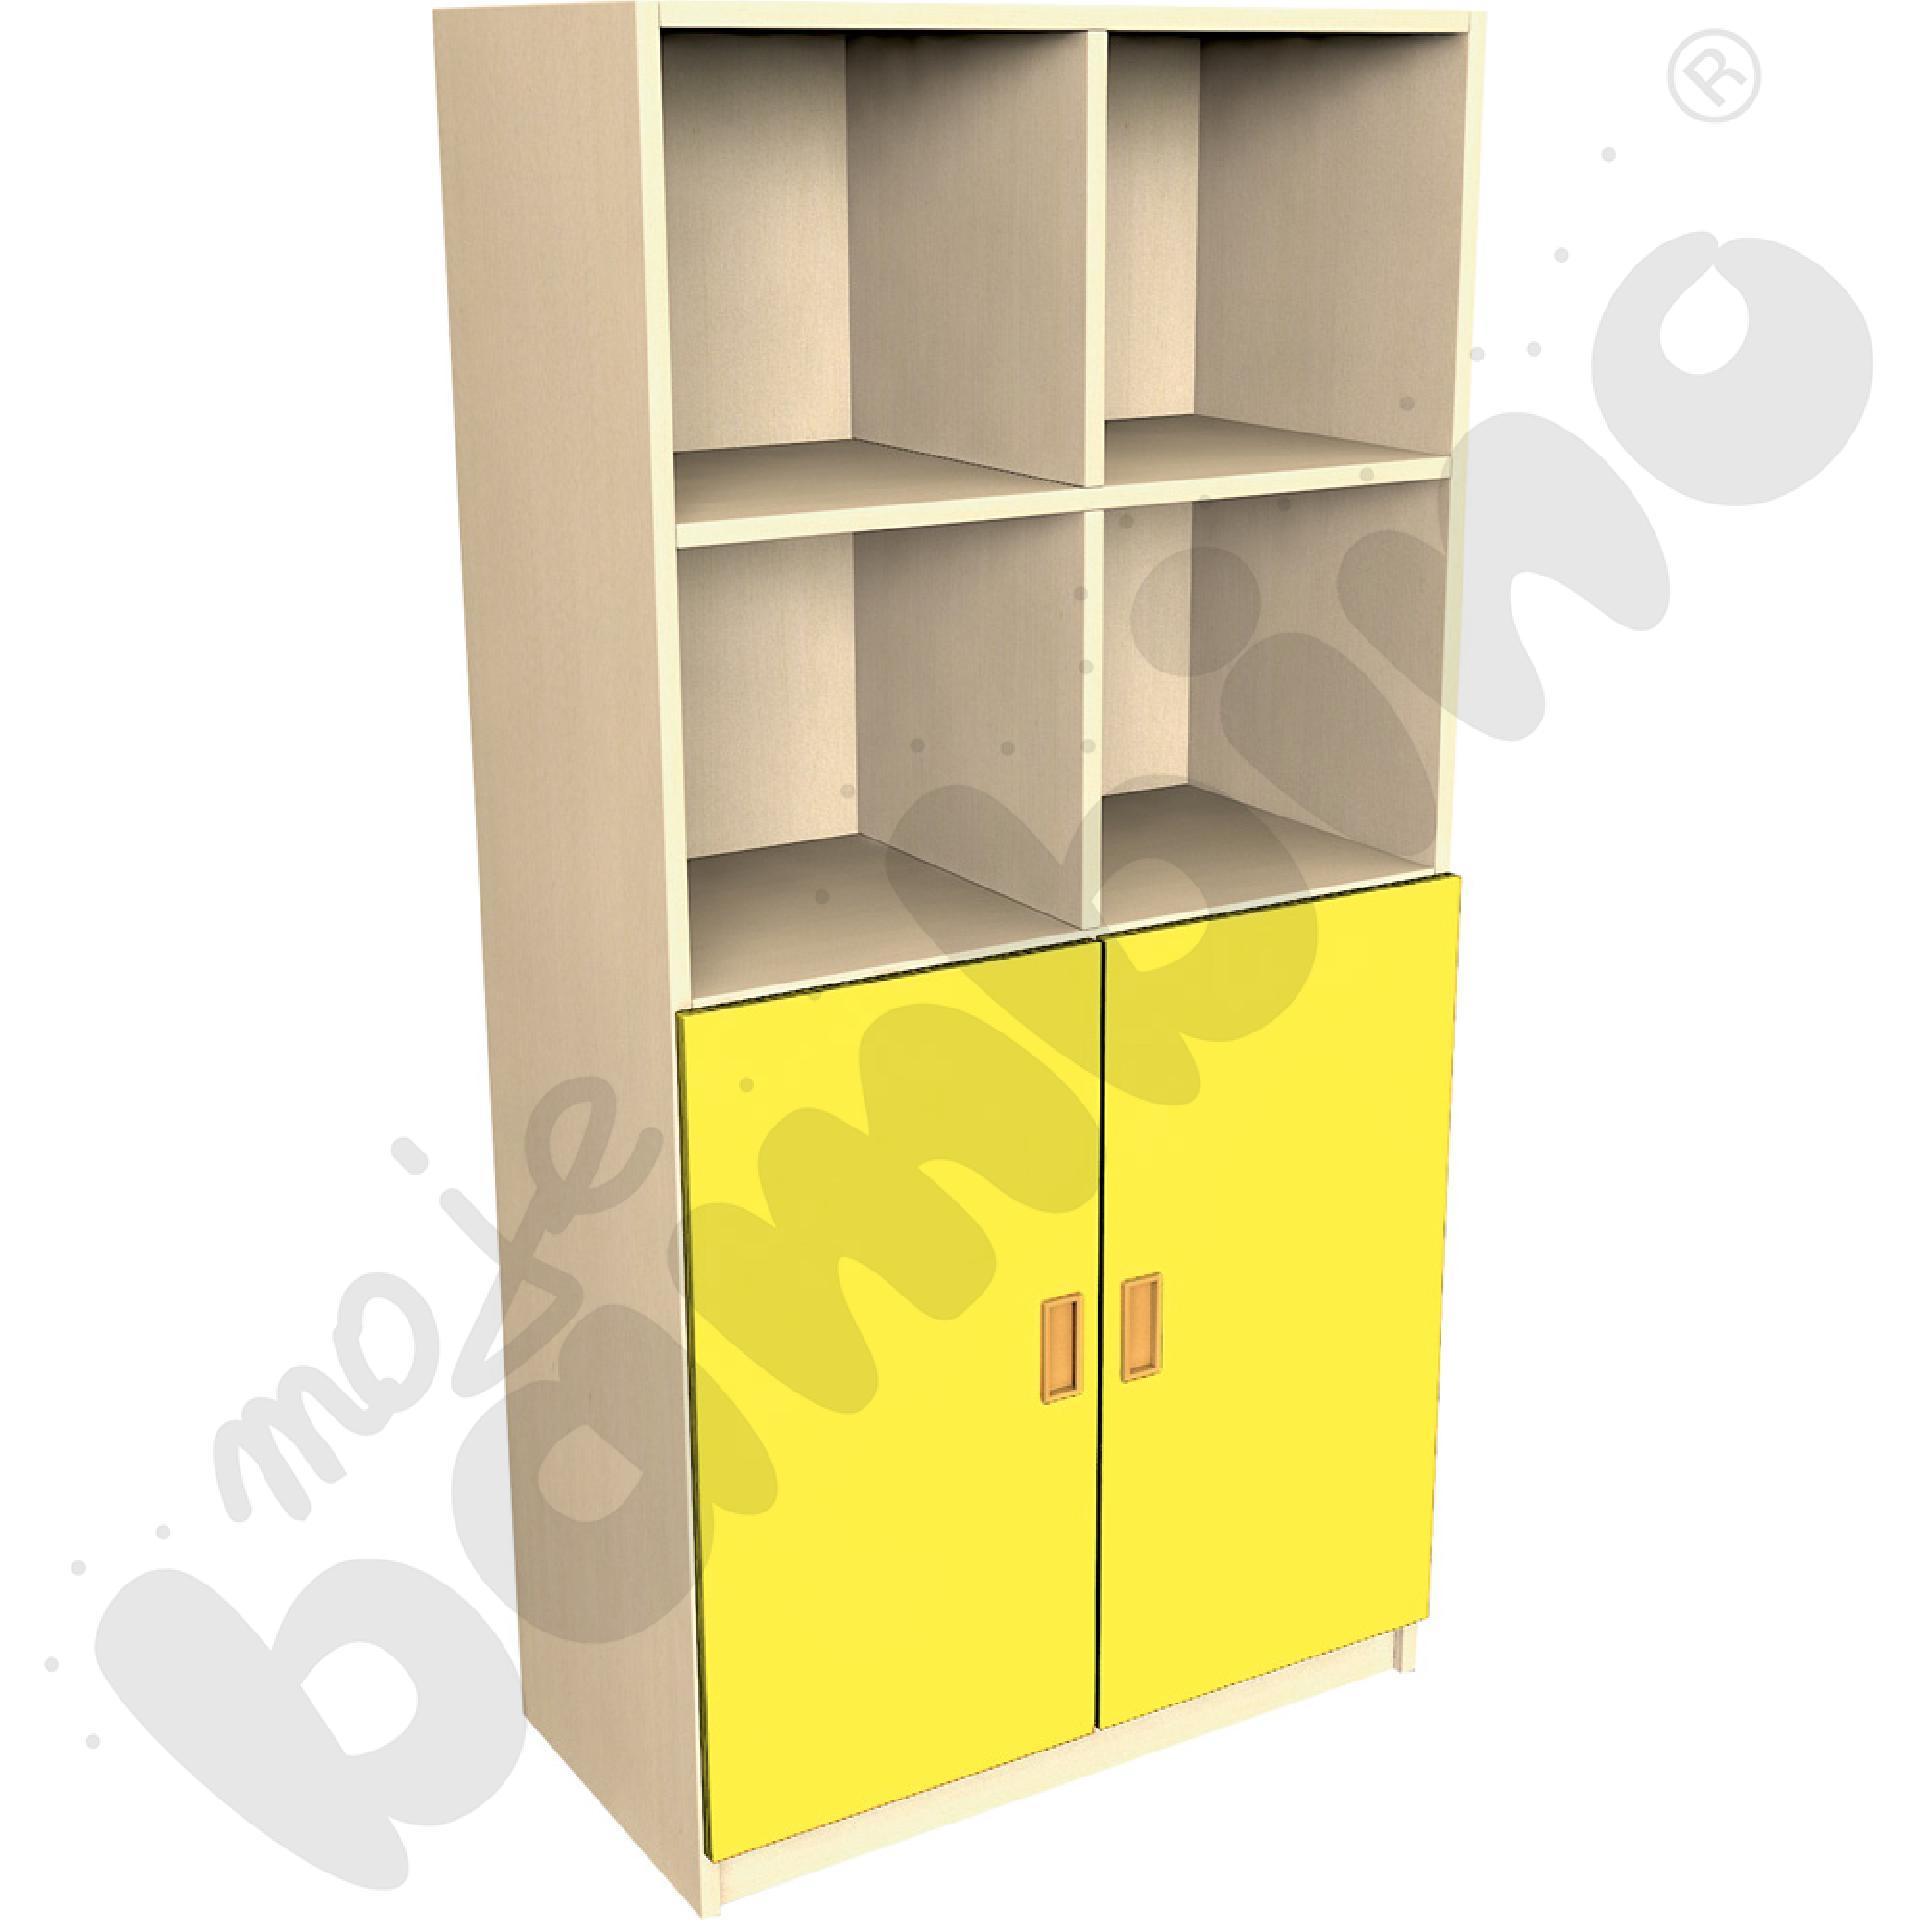 Drzwi duże do regału - żółte